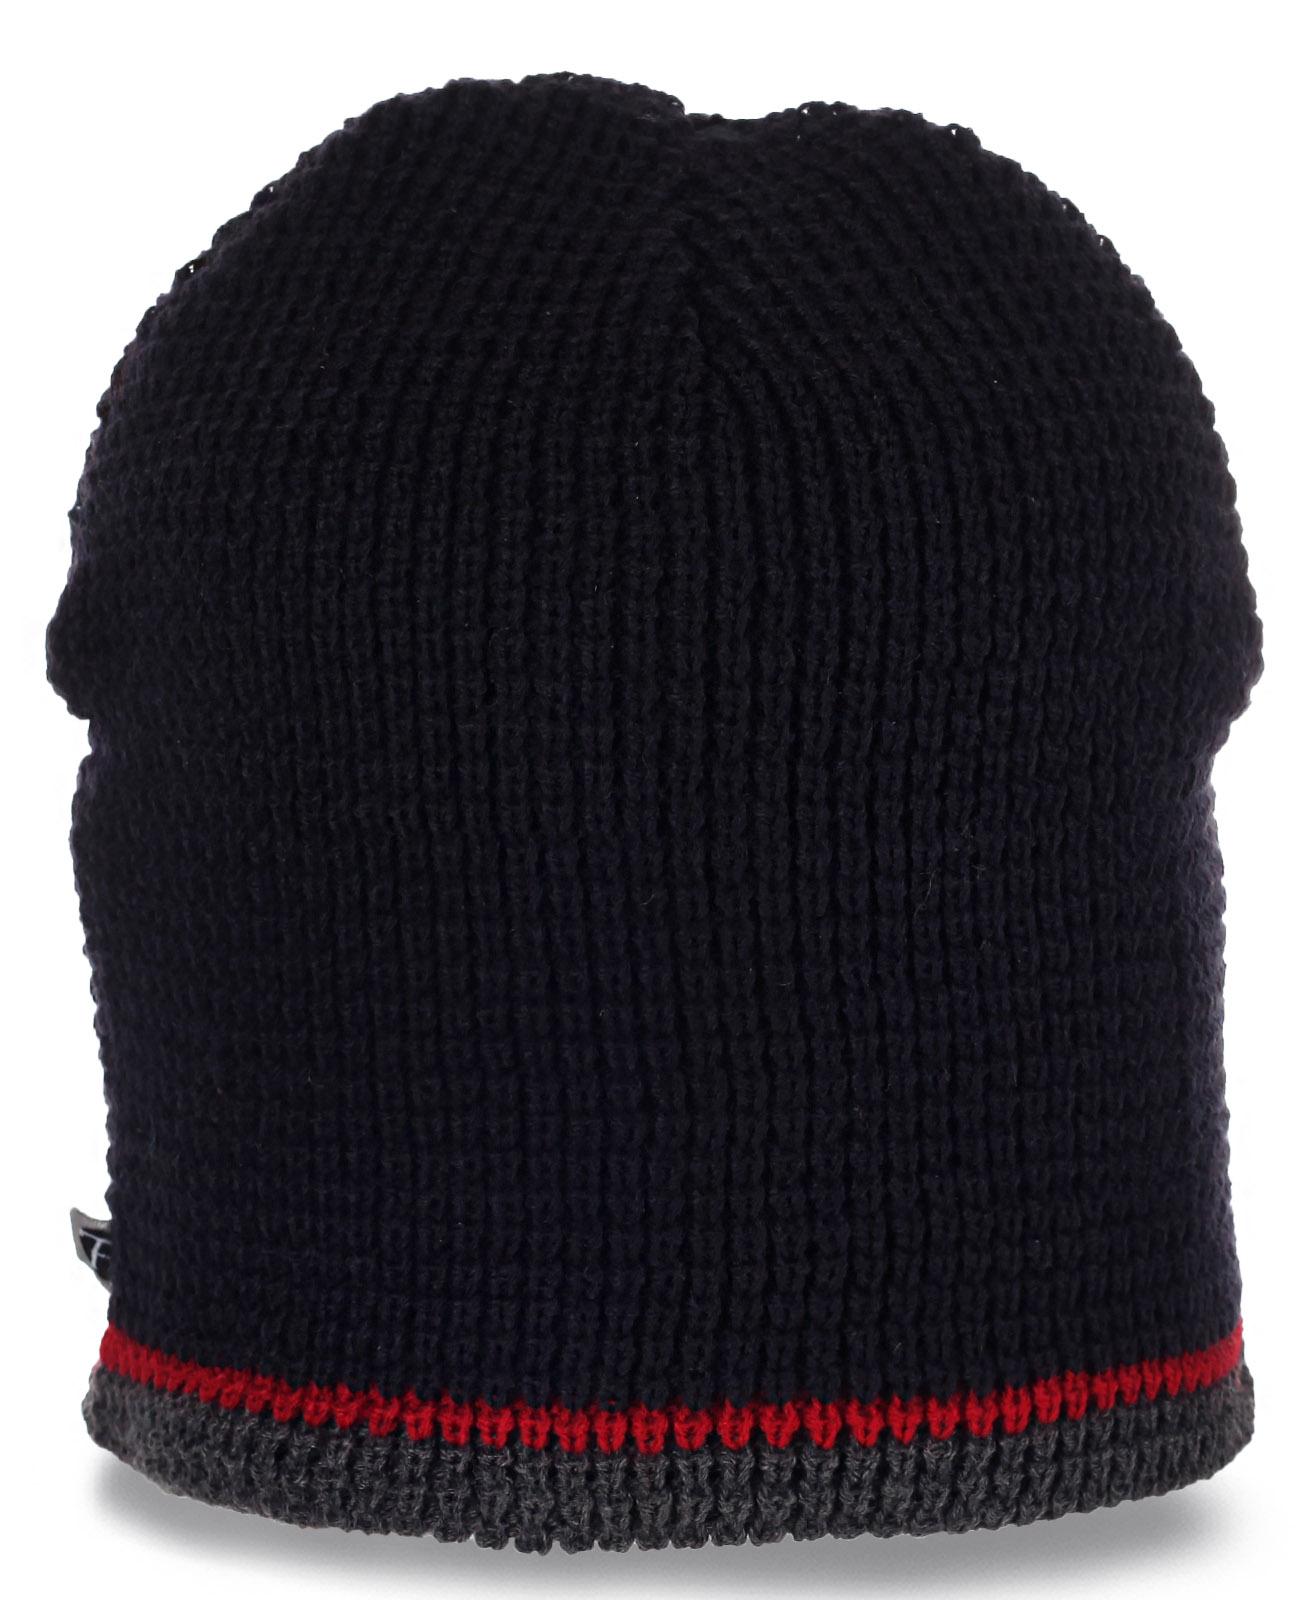 Спортивная флисовая шапочка для мужчин